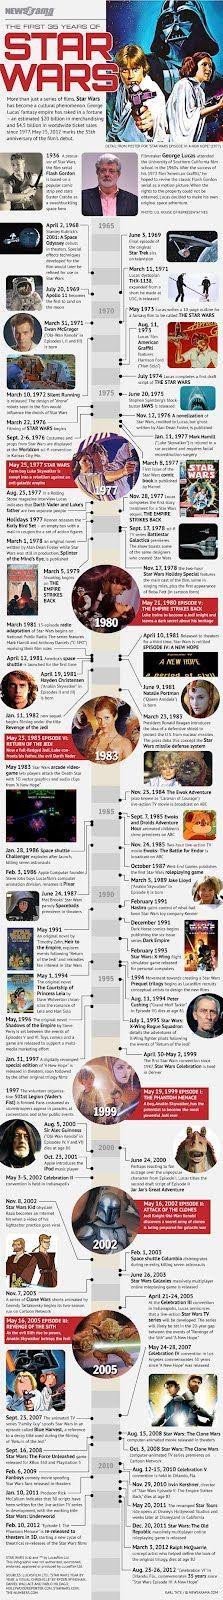 Mejores 2611 imágenes de Clone wars en Pinterest | Guerra de las ...